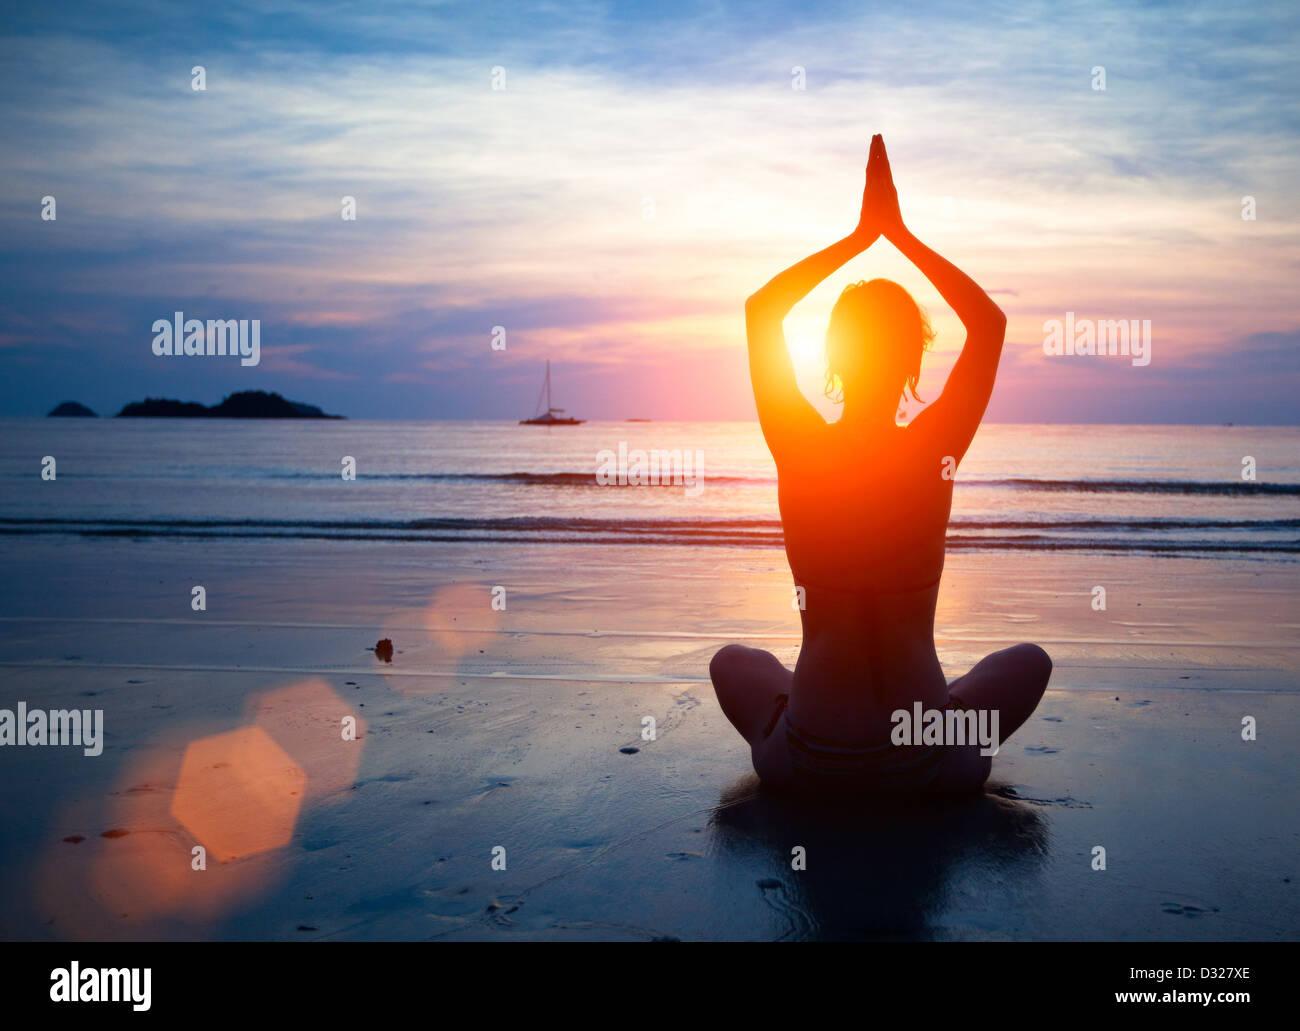 Silhouette donna giovane a praticare yoga sulla spiaggia al tramonto. Immagini Stock